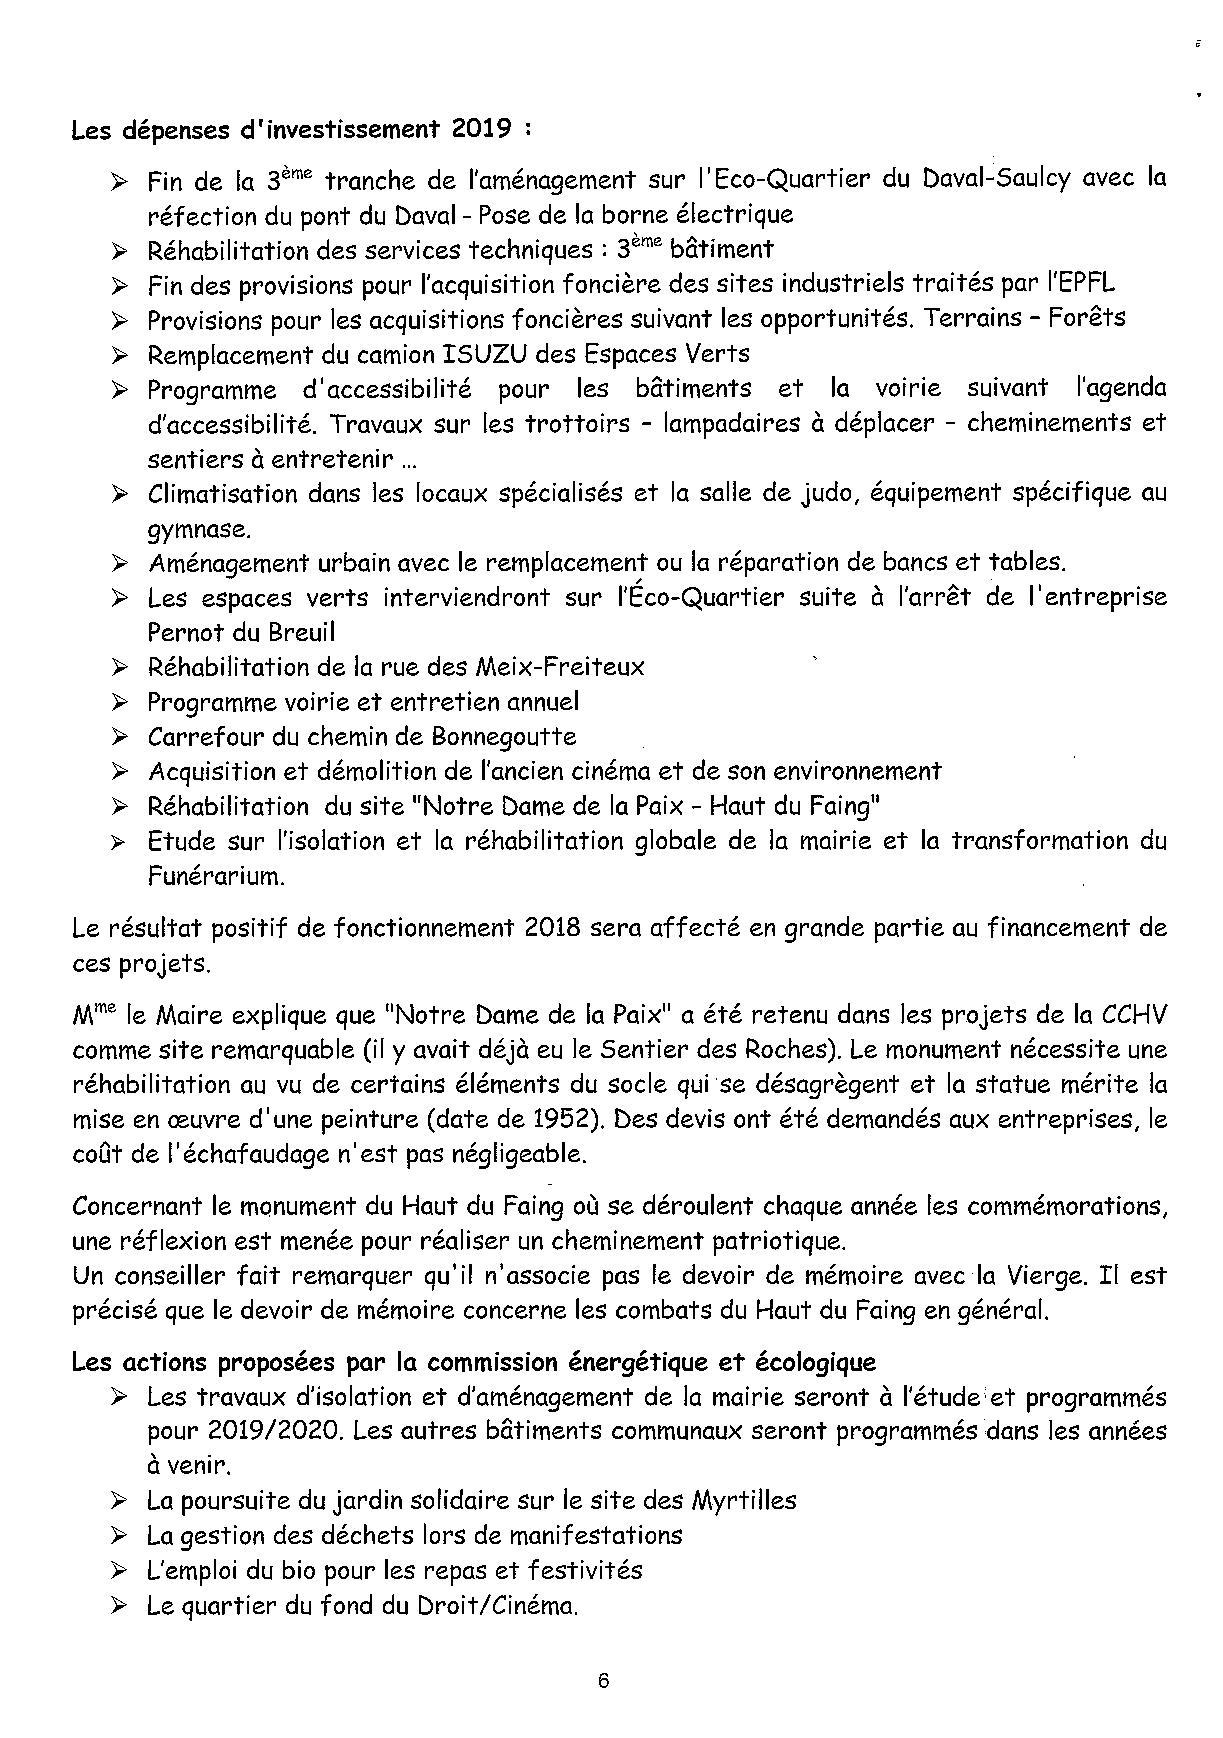 CR CONSEIL MUNICIPAL du 15.03.2019-page-006